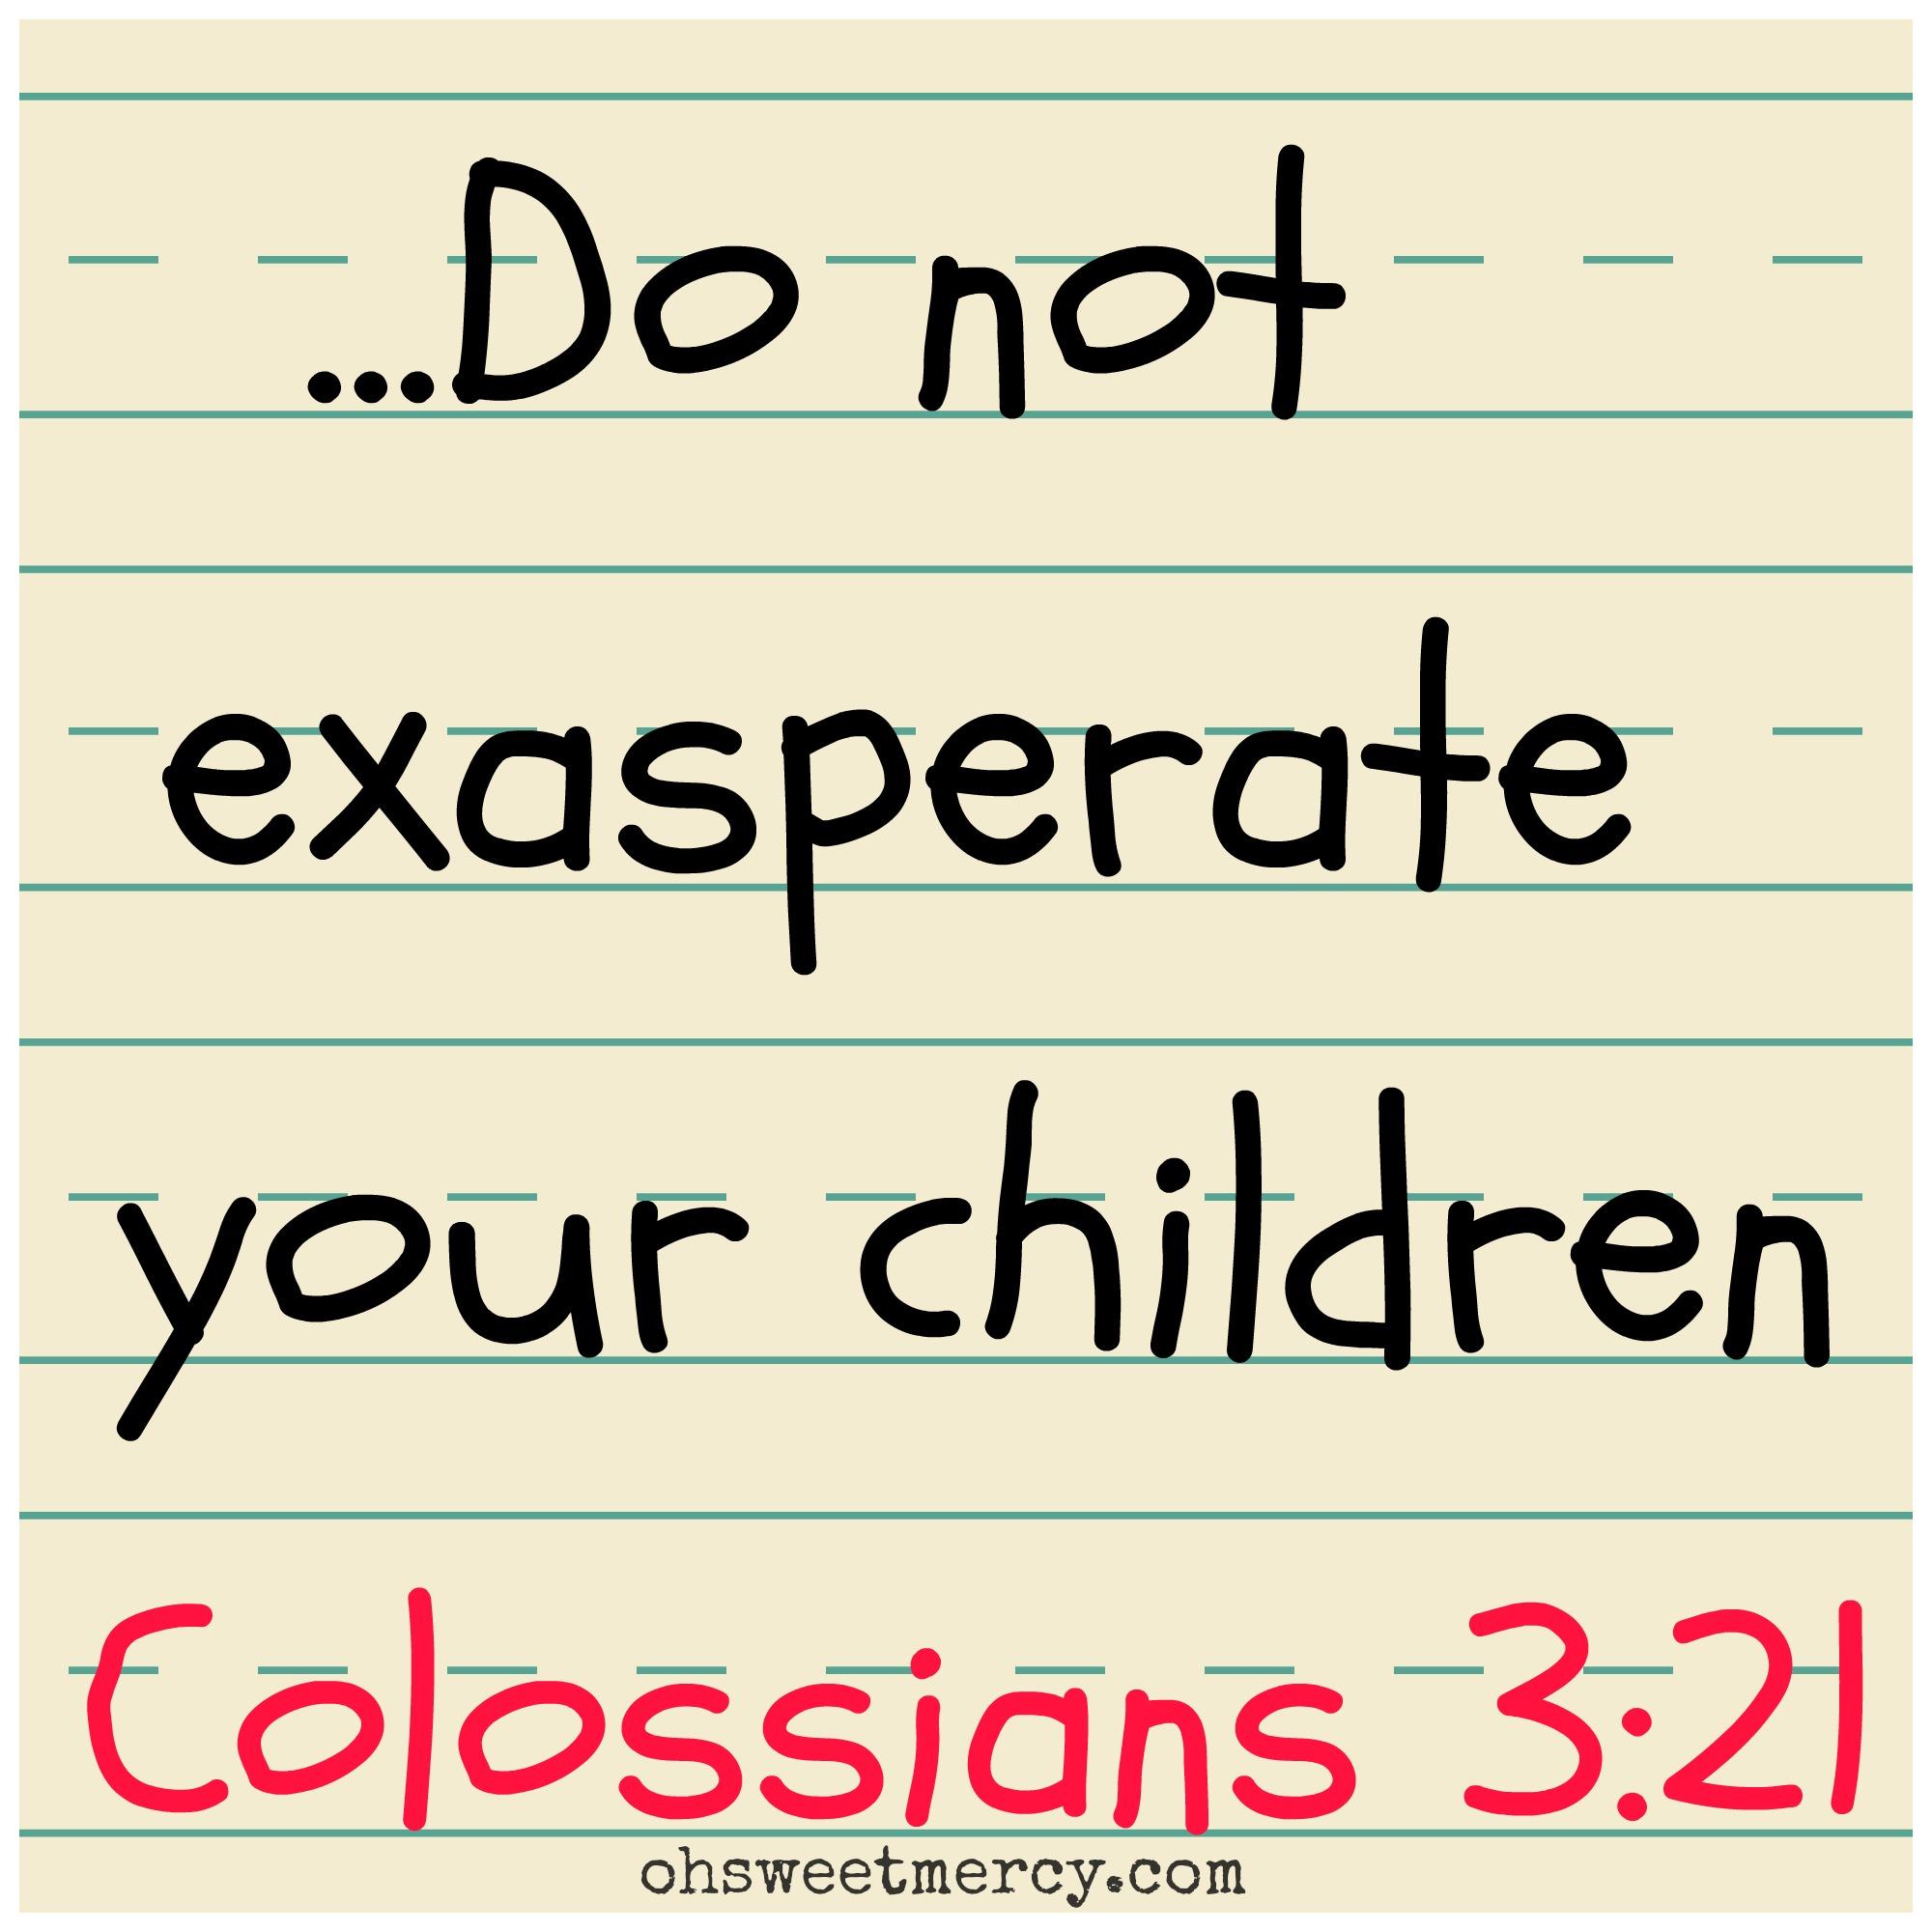 Colossians 321